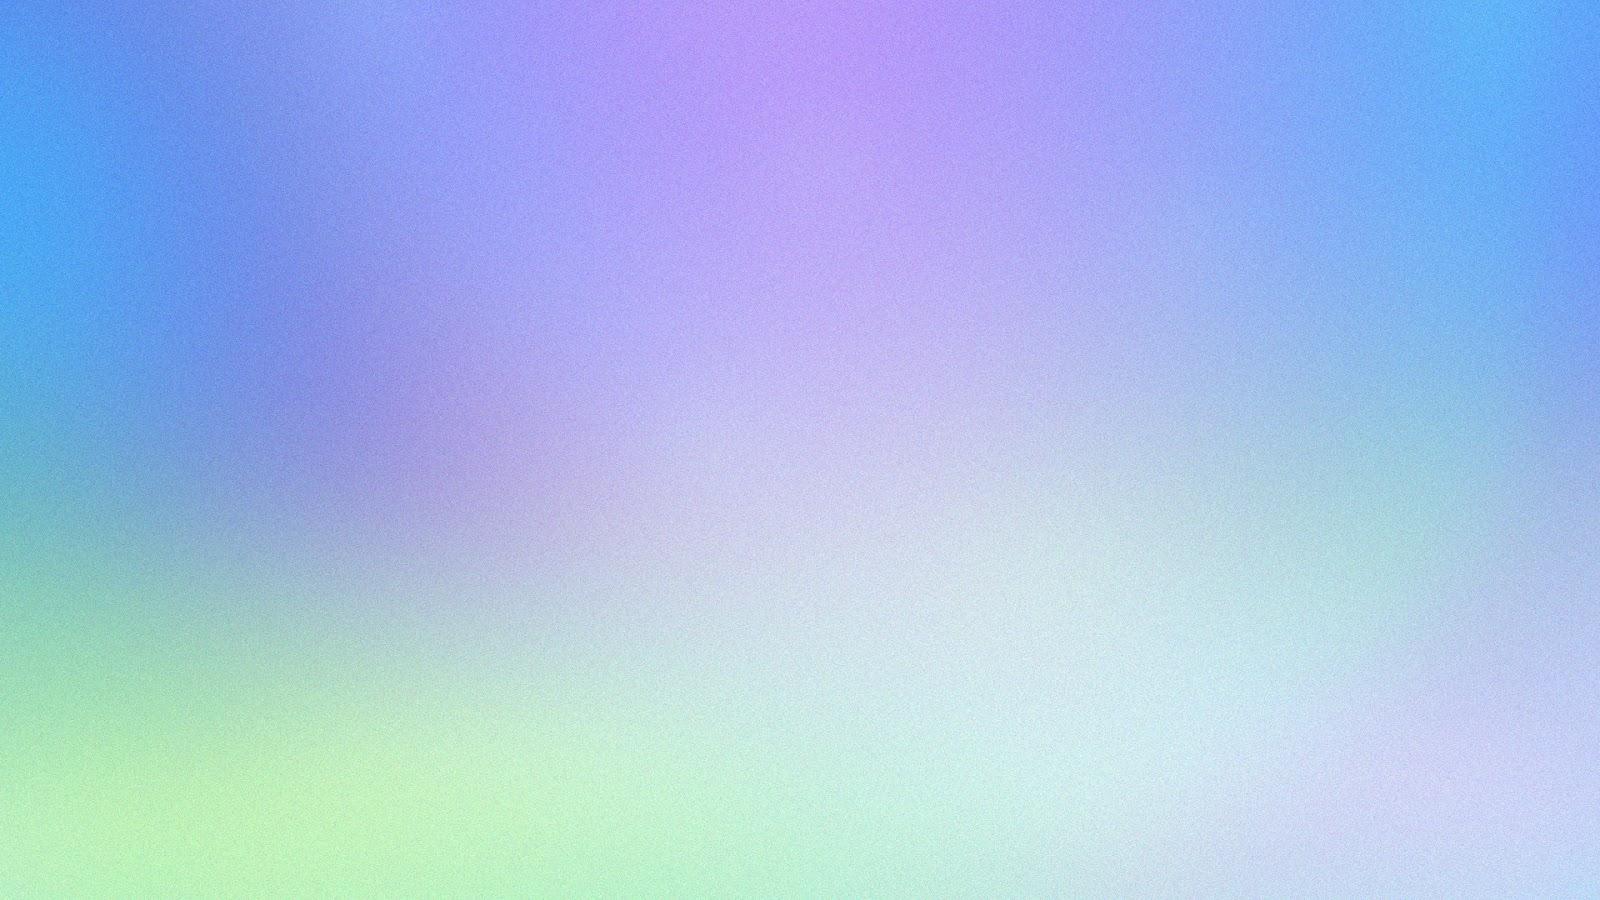 Texturas De Colores Pastel: Fresco Imagenes De Fondo Color Pastel